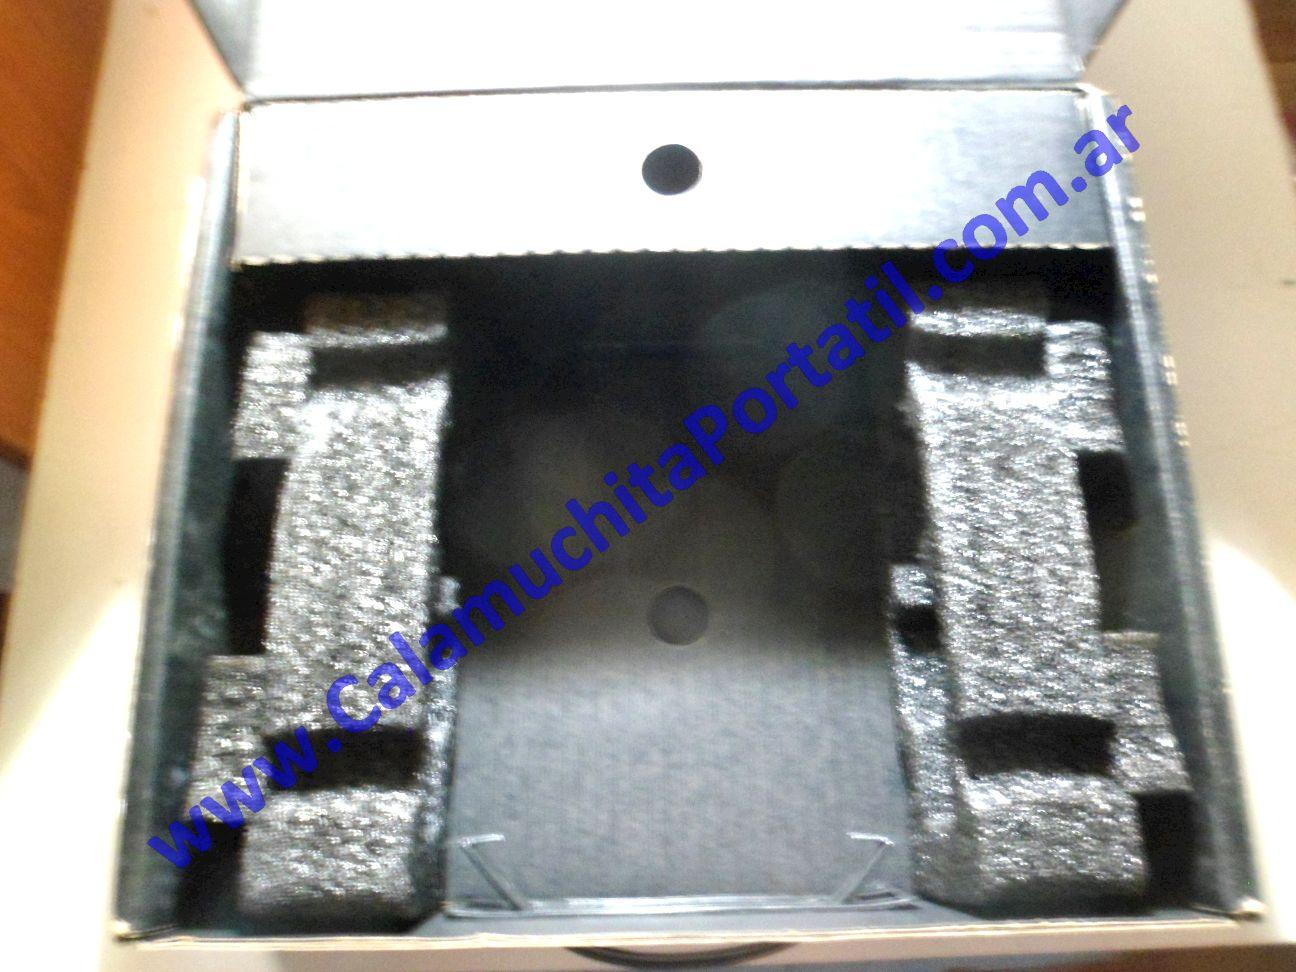 0148ACA Caja Hewlett Packard Mini 110-1050la